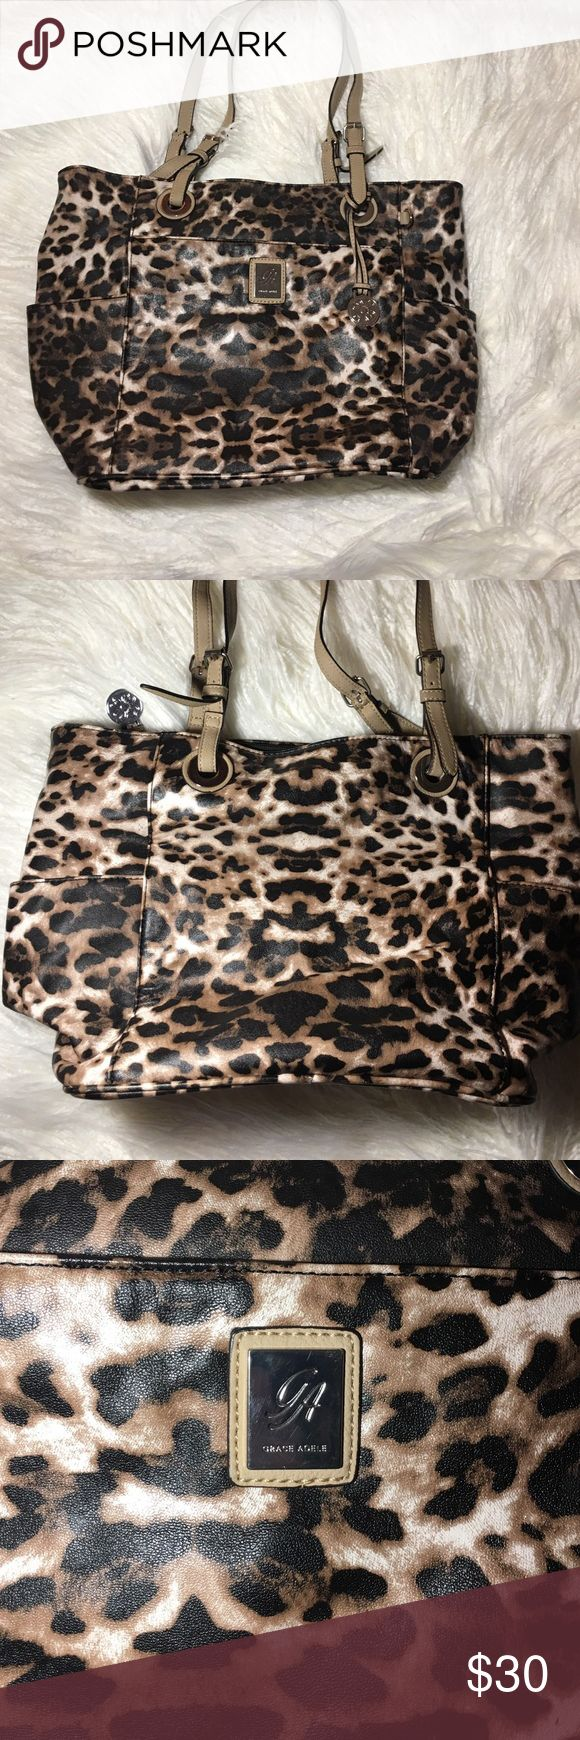 Big leopard Grace Adele bag-MOVING SALE Big leopard shoulder bag from Grace Adele! MOVING SALE, MAKE AN OFFER grace adele Bags Shoulder Bags